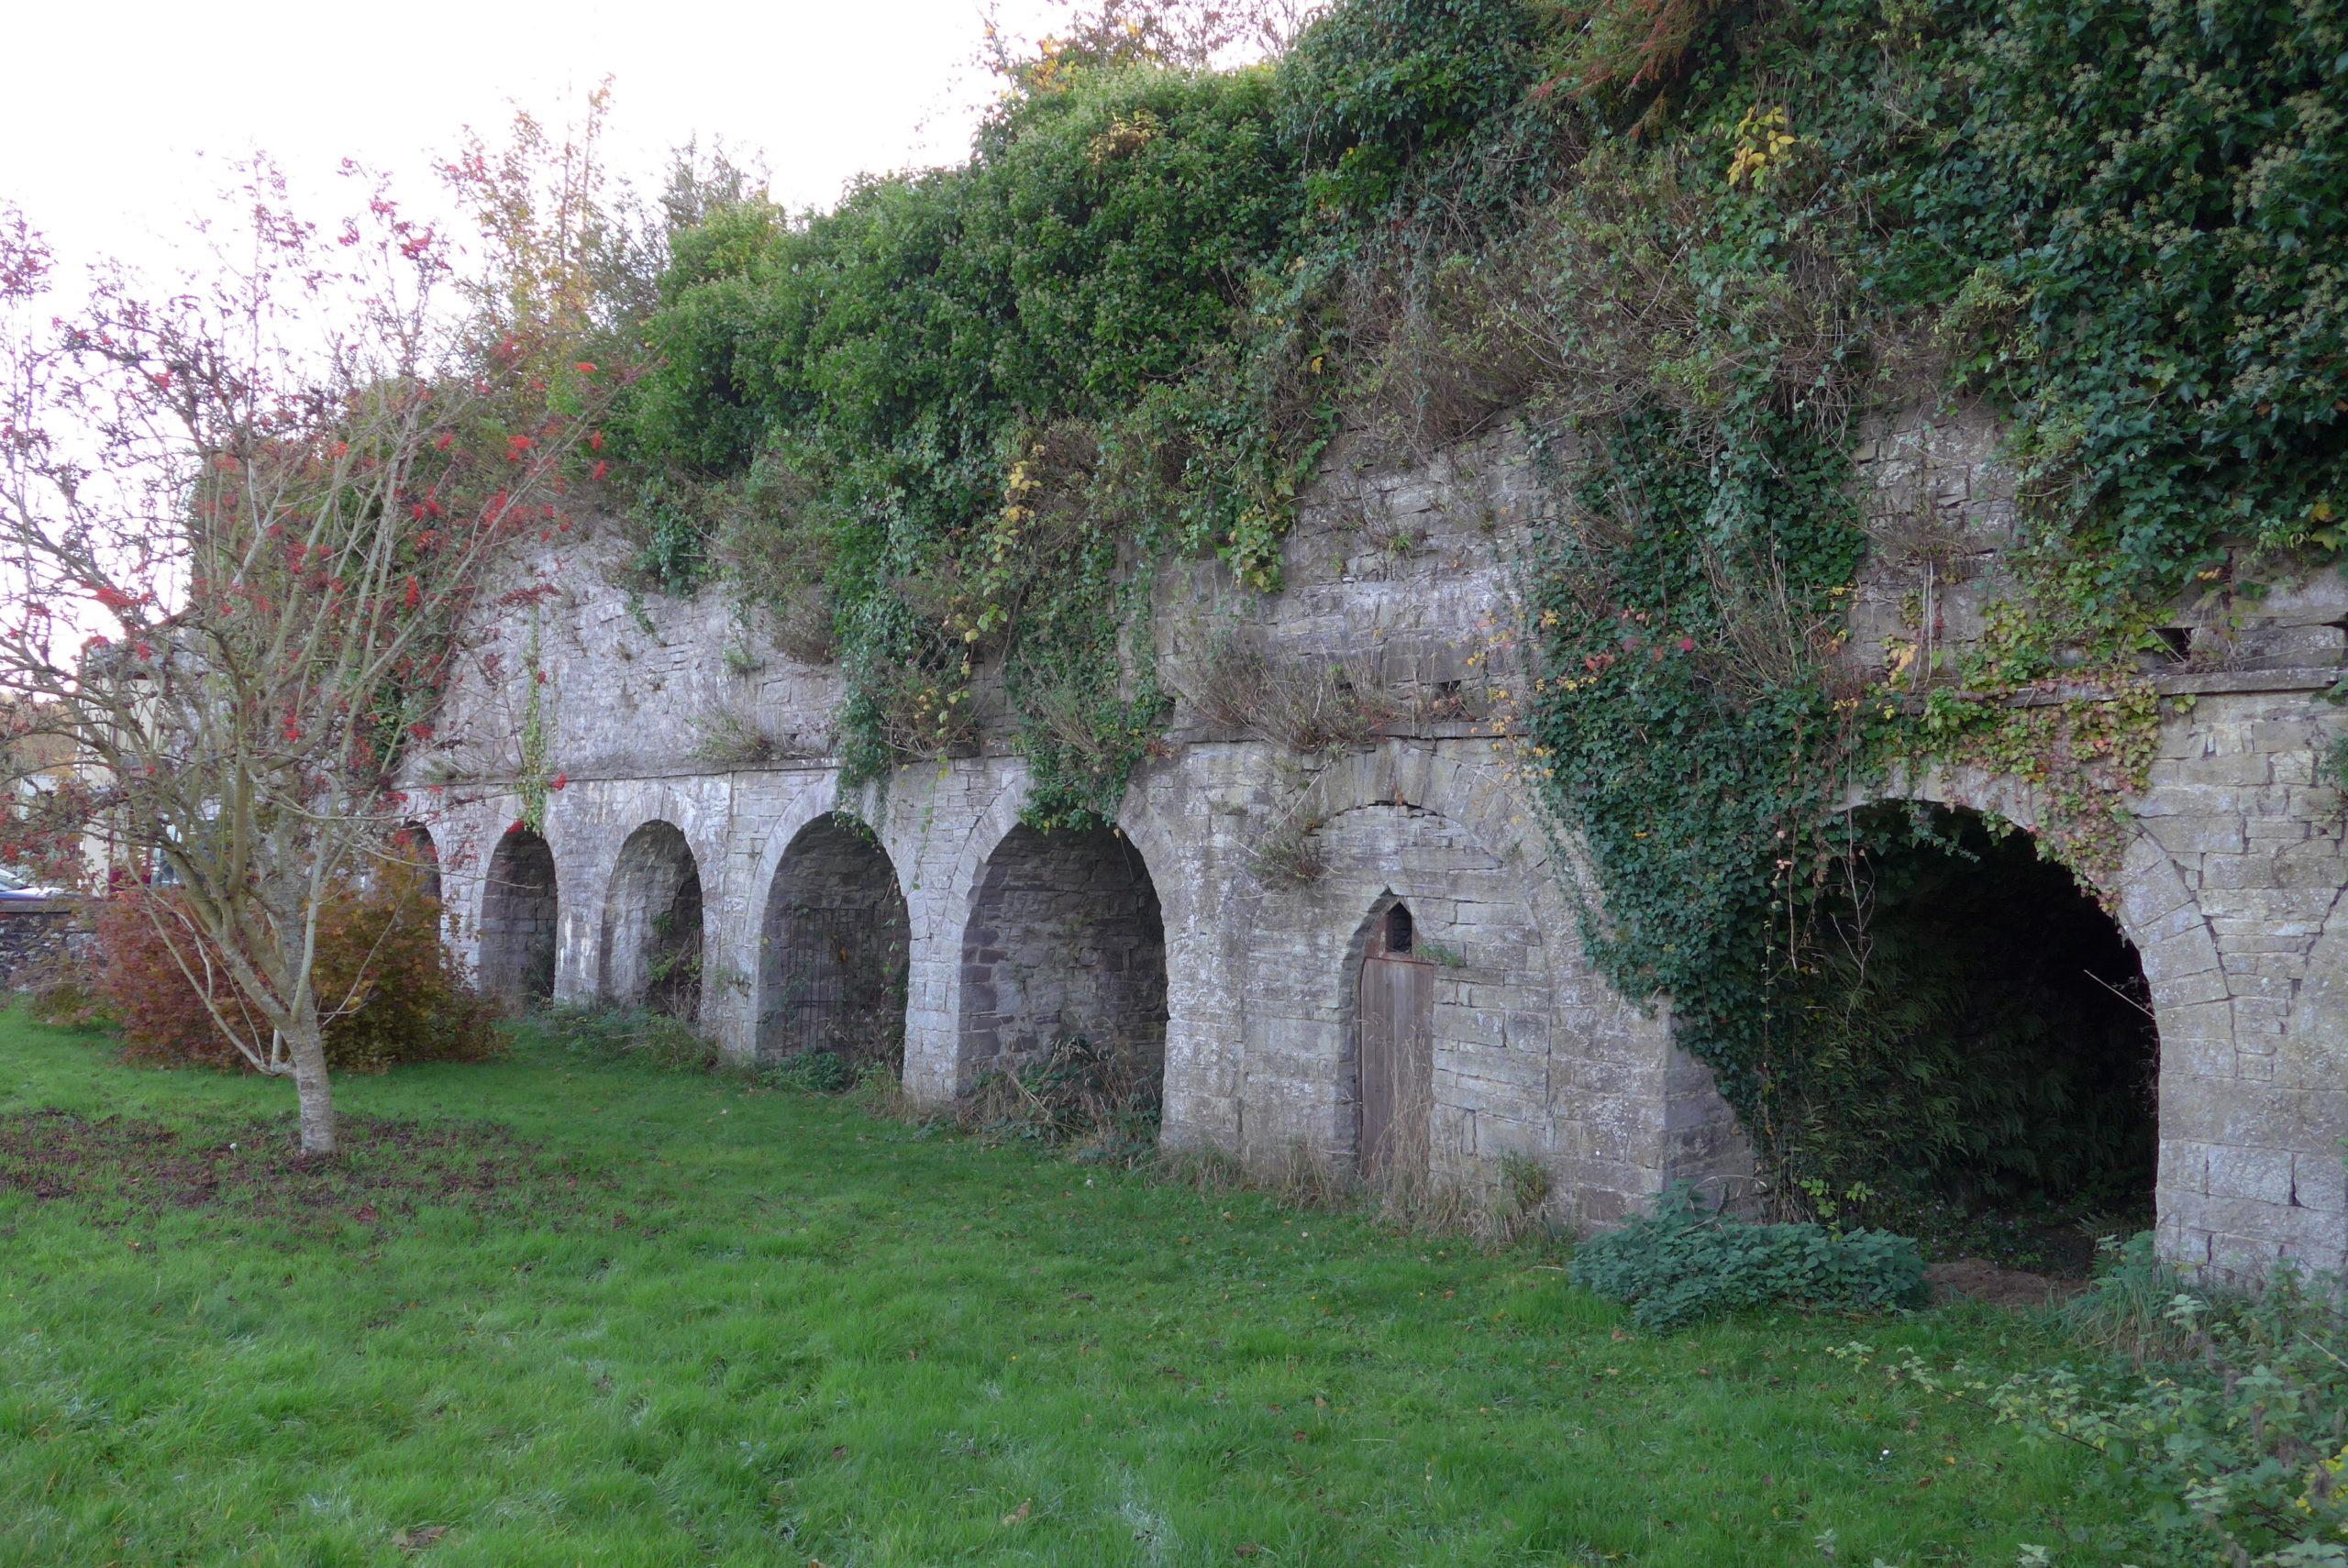 The lime kilns at Brynhyfryd